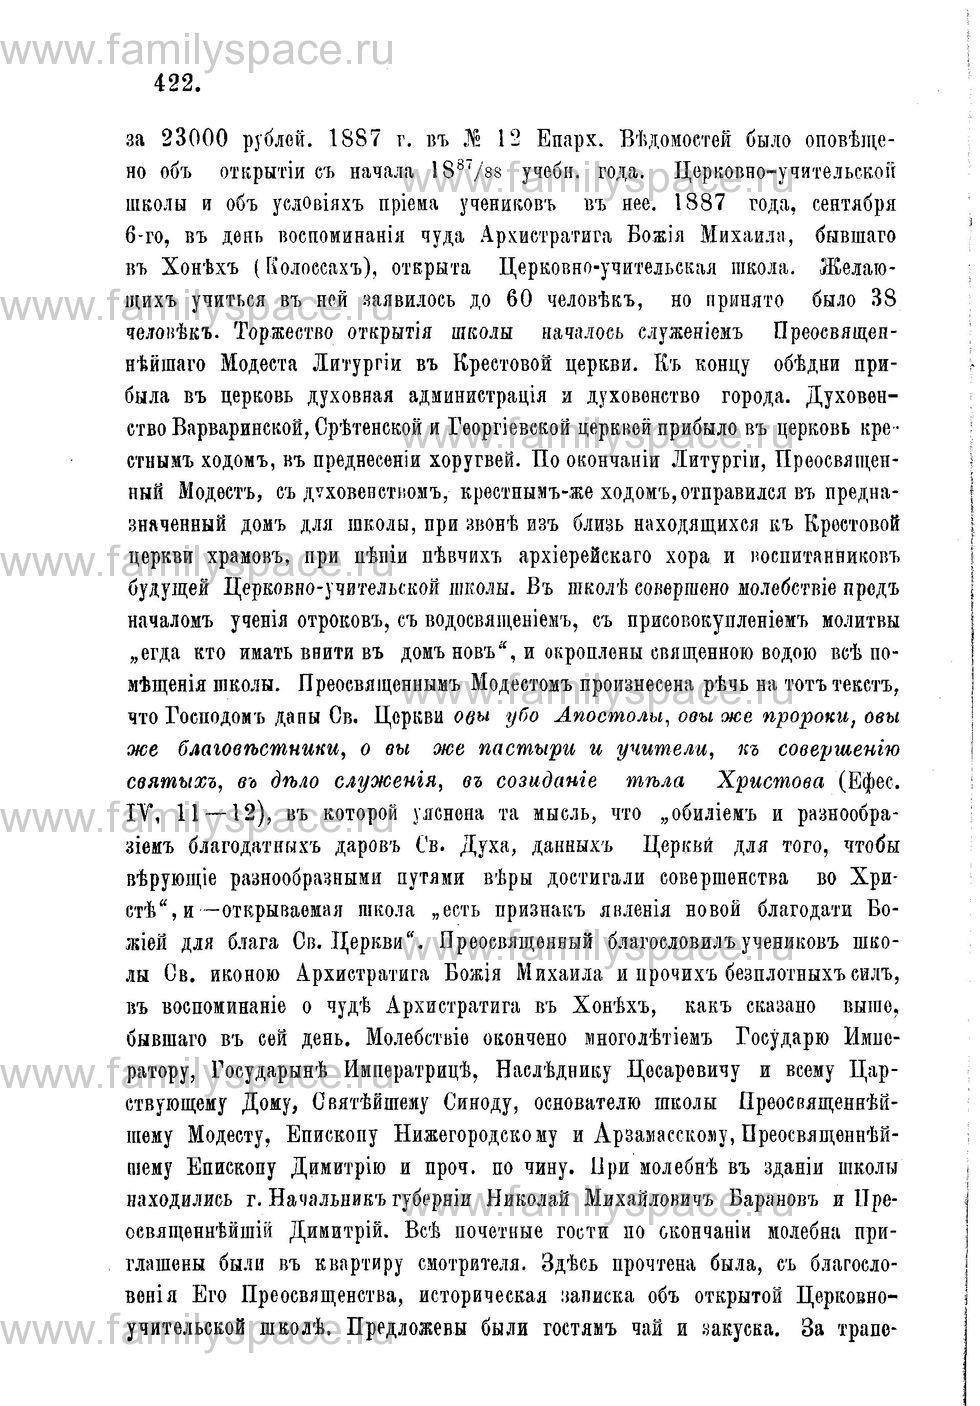 Поиск по фамилии - Адрес-календарь Нижегородской епархии на 1888 год, страница 1422